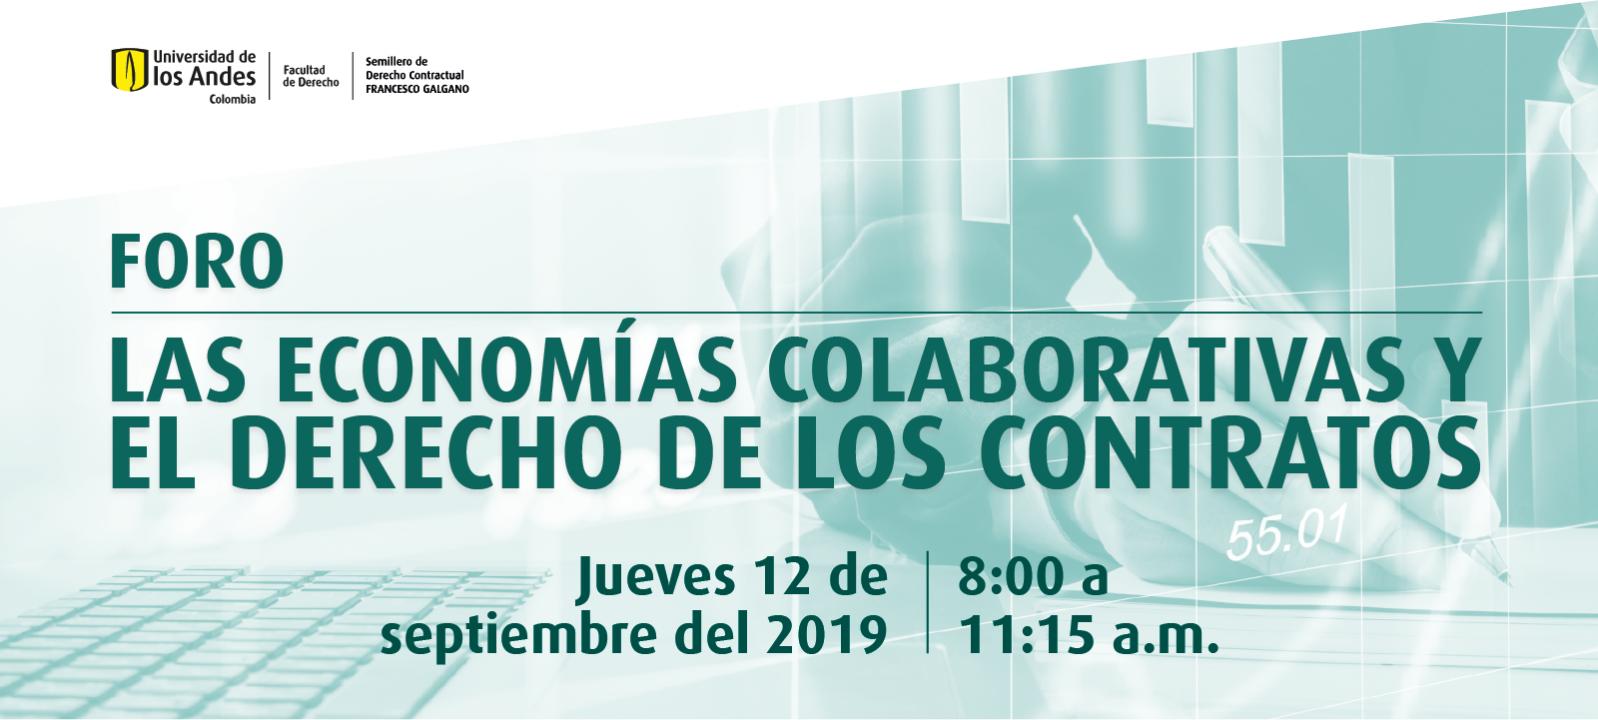 Foro: Las economías colaborativas y el derecho de los contratos